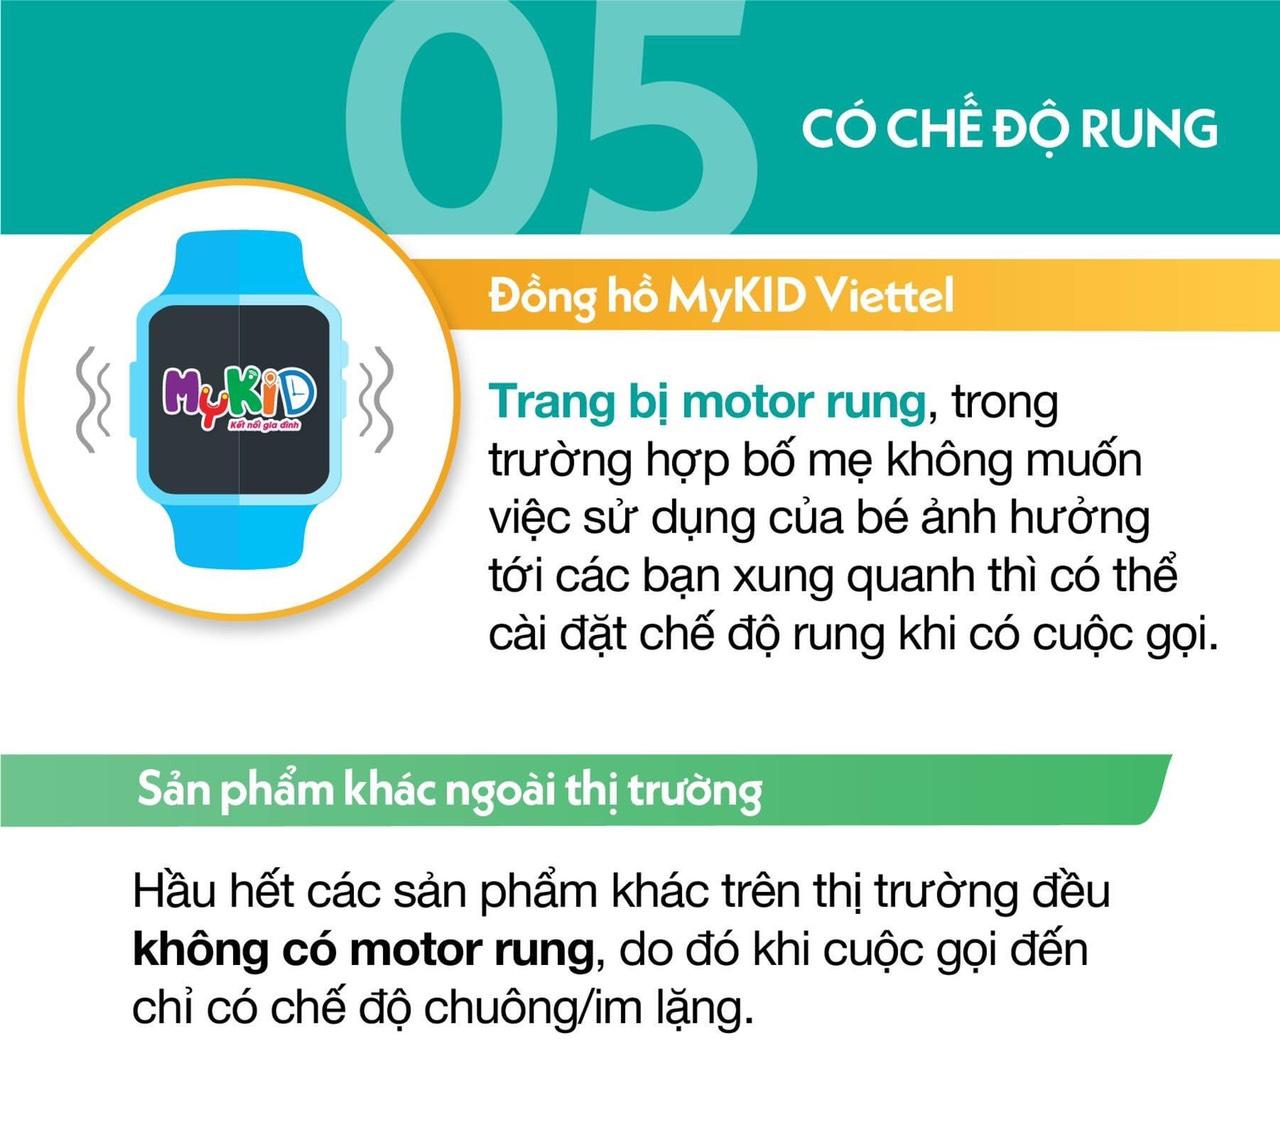 5. Mykid Viettel trang bị motor rung.